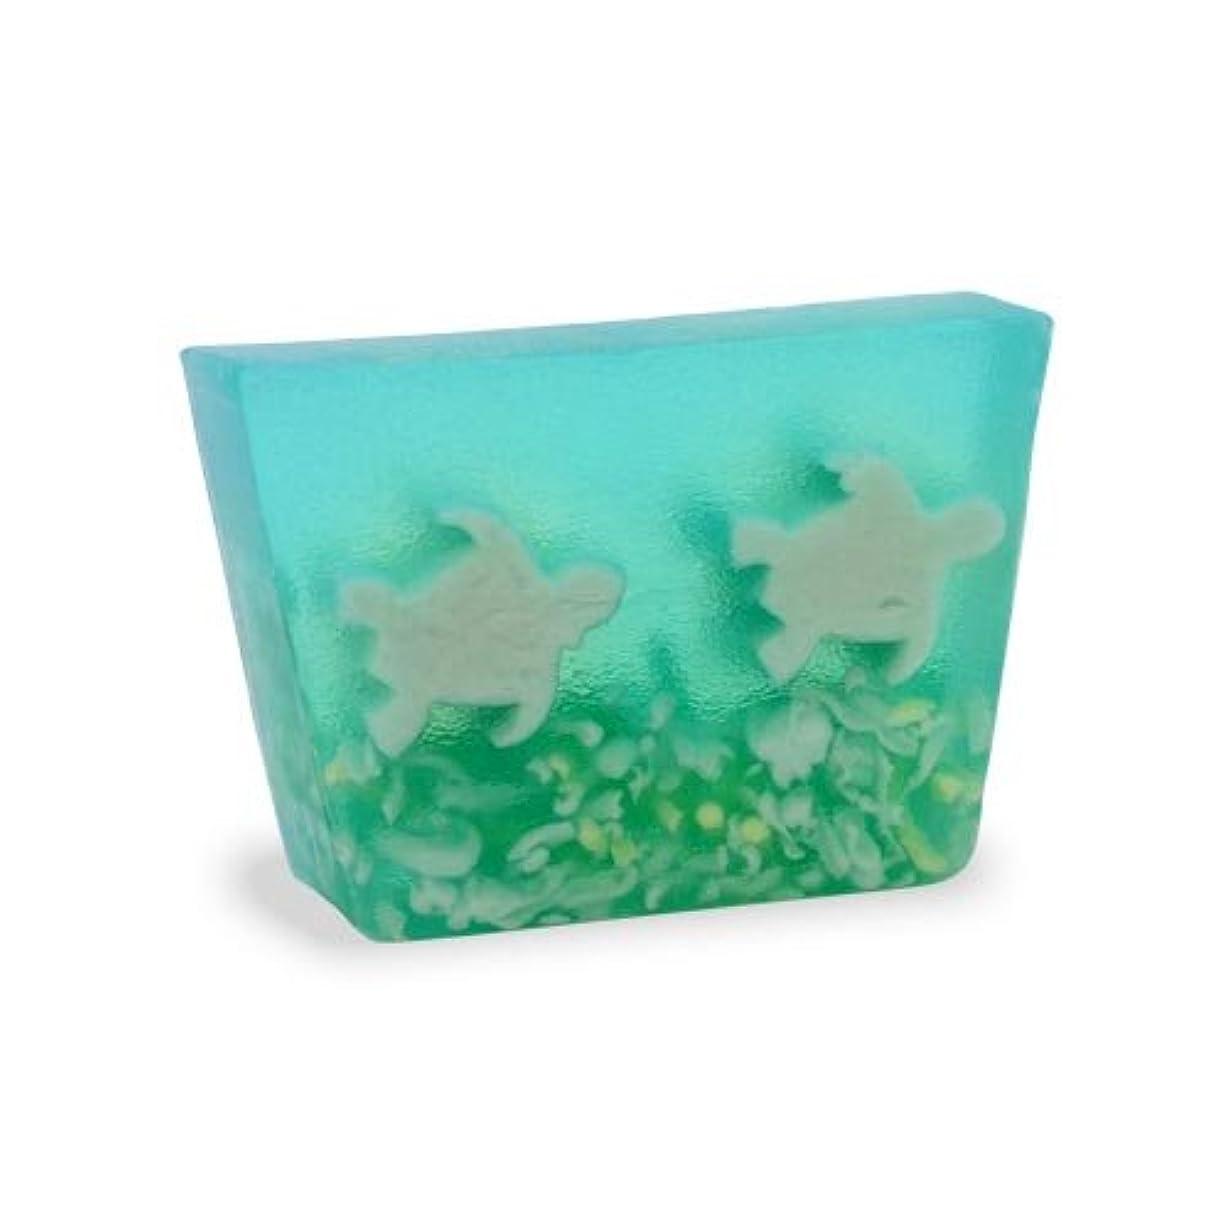 物理的にサイバースペースペレットプライモールエレメンツ アロマティック ミニソープ シータートルズ 80g 植物性 ナチュラル 石鹸 無添加